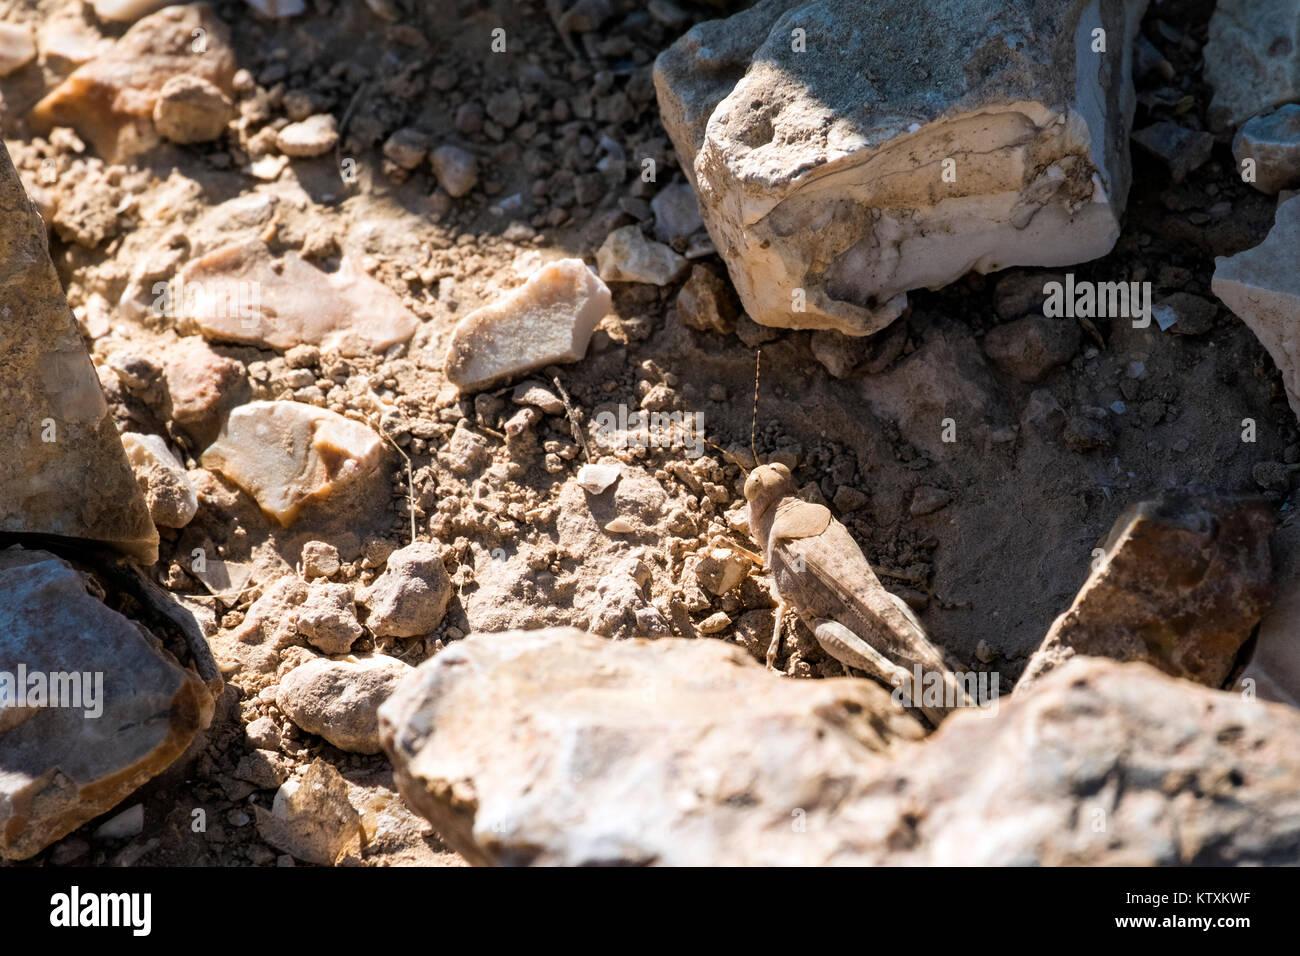 Desert locust sit between stones (Sphingonotus octofasciatus) - Stock Image